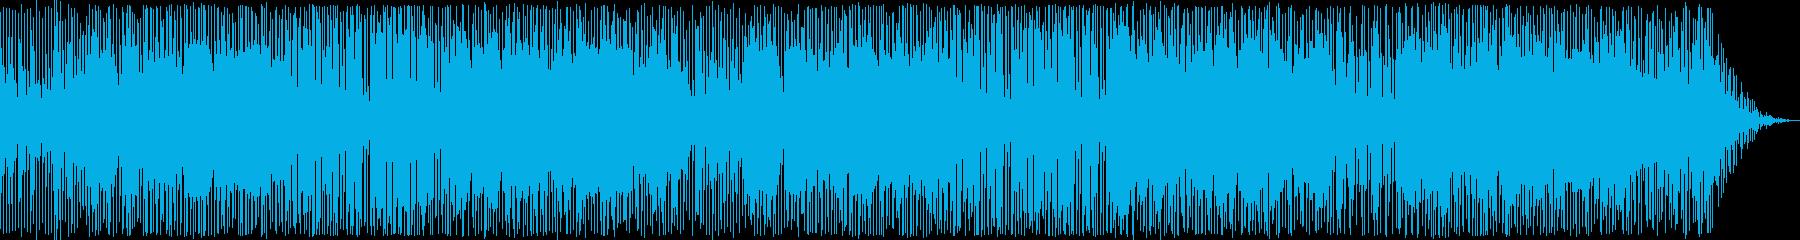 ピアノが印象的なロックの再生済みの波形